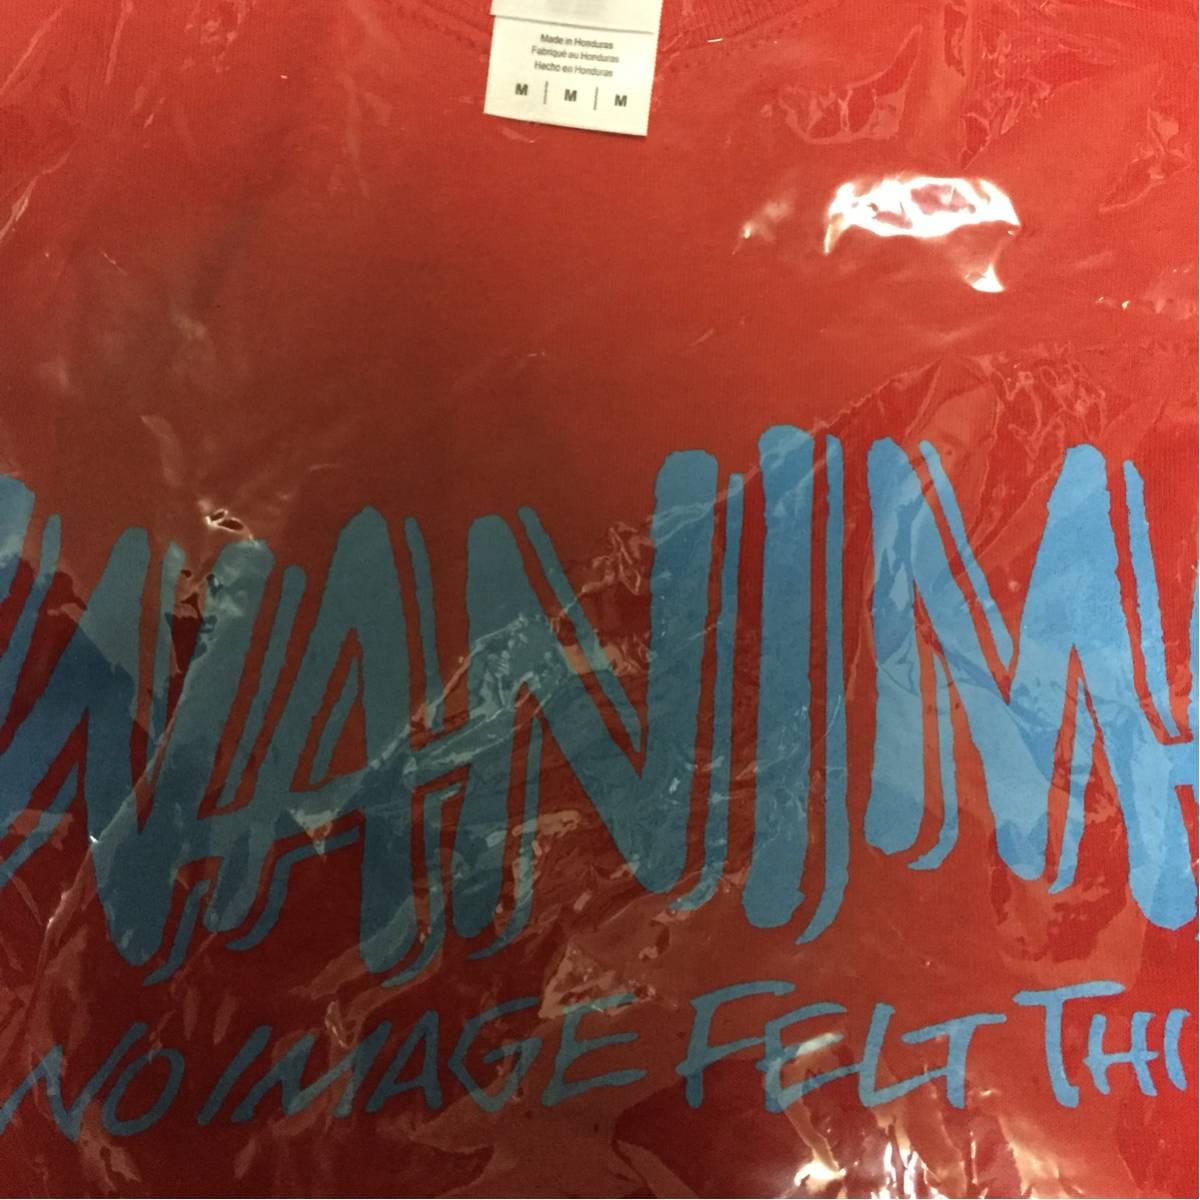 貴重 wanima pizza of death ロゴ Mサイズ Tシャツ ピザオブデス ken yokoyama 横山健 hi-standard ハイスタンダード ライブグッズの画像